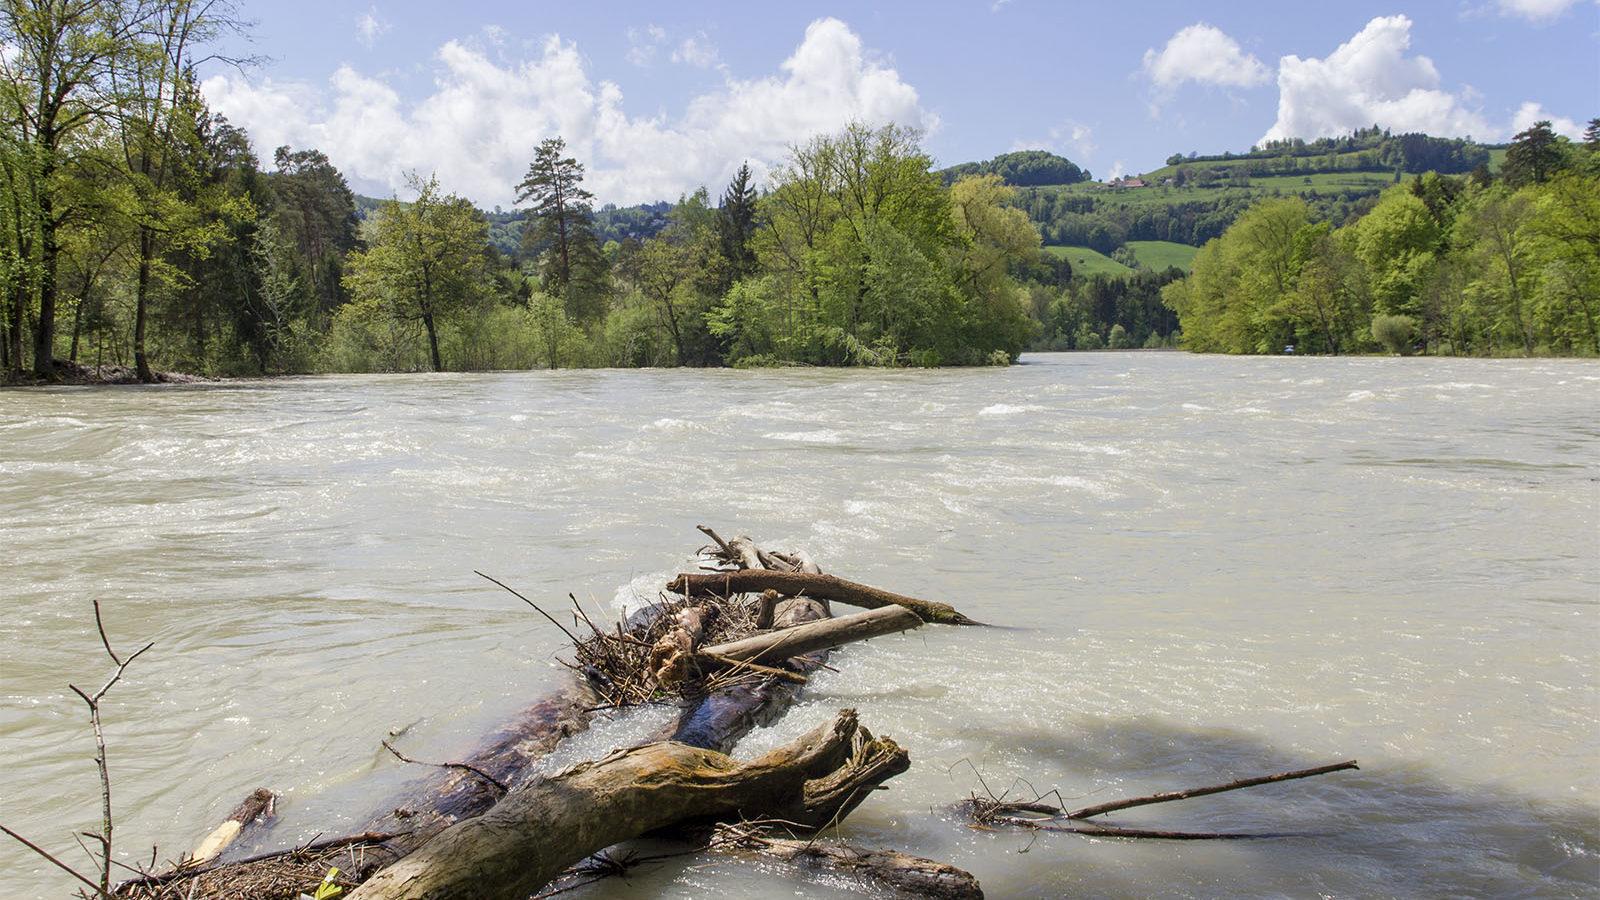 Bei Hochwasser fliesst aus dem Thunersee oft noch tagelang viel Wasser in die Aare. Schönes Wetter ist somit kein Garant für gute Fahrverhältnisse